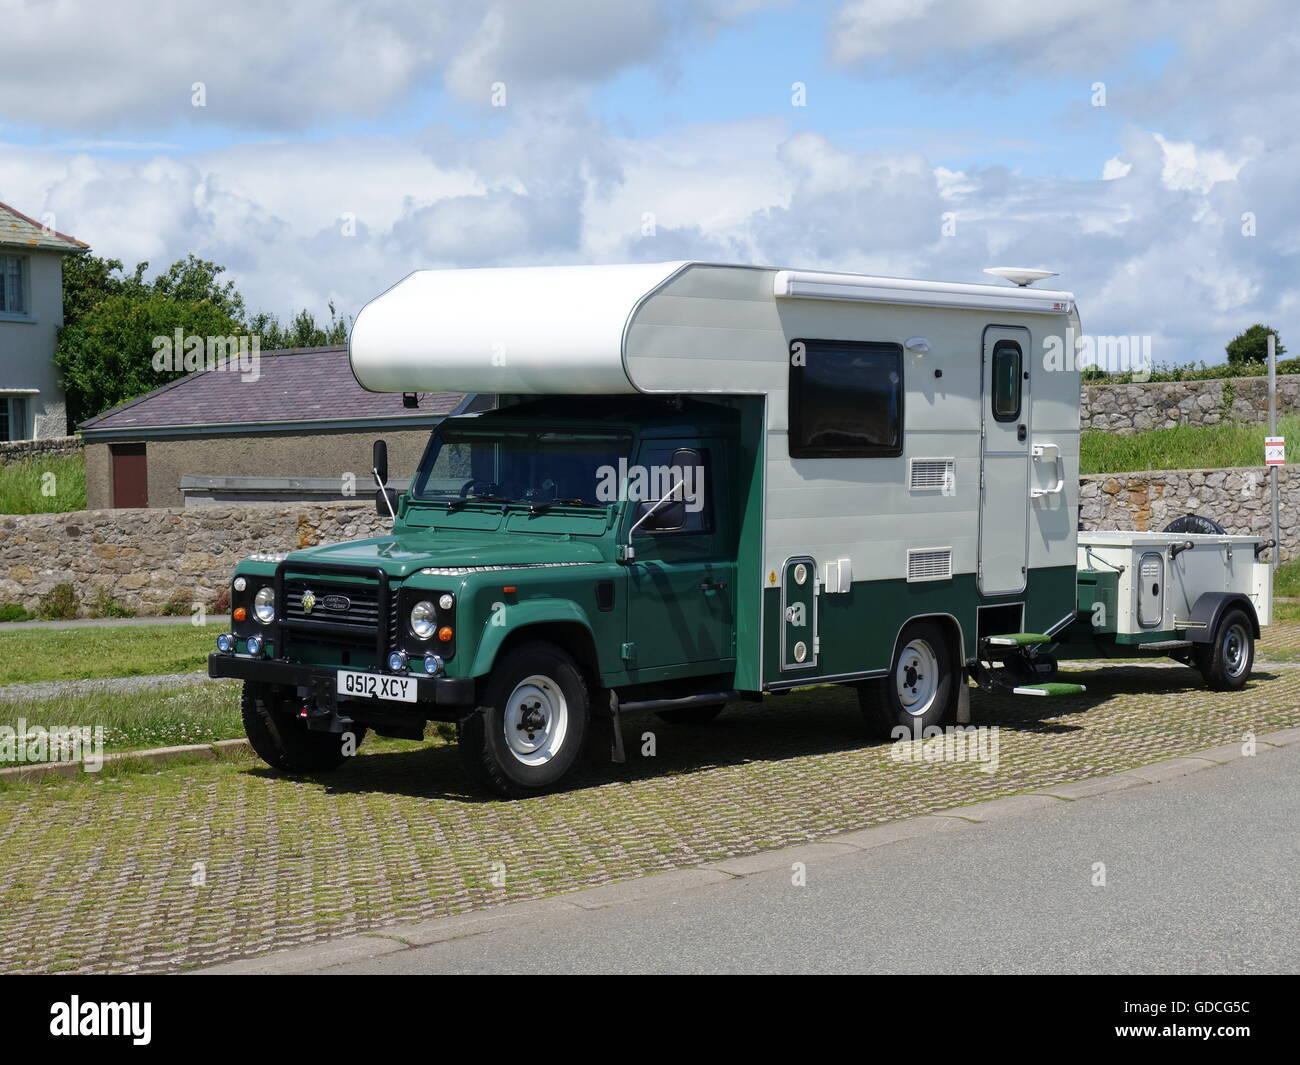 A Landrover Caravan Stock Photo 111528856 Alamy